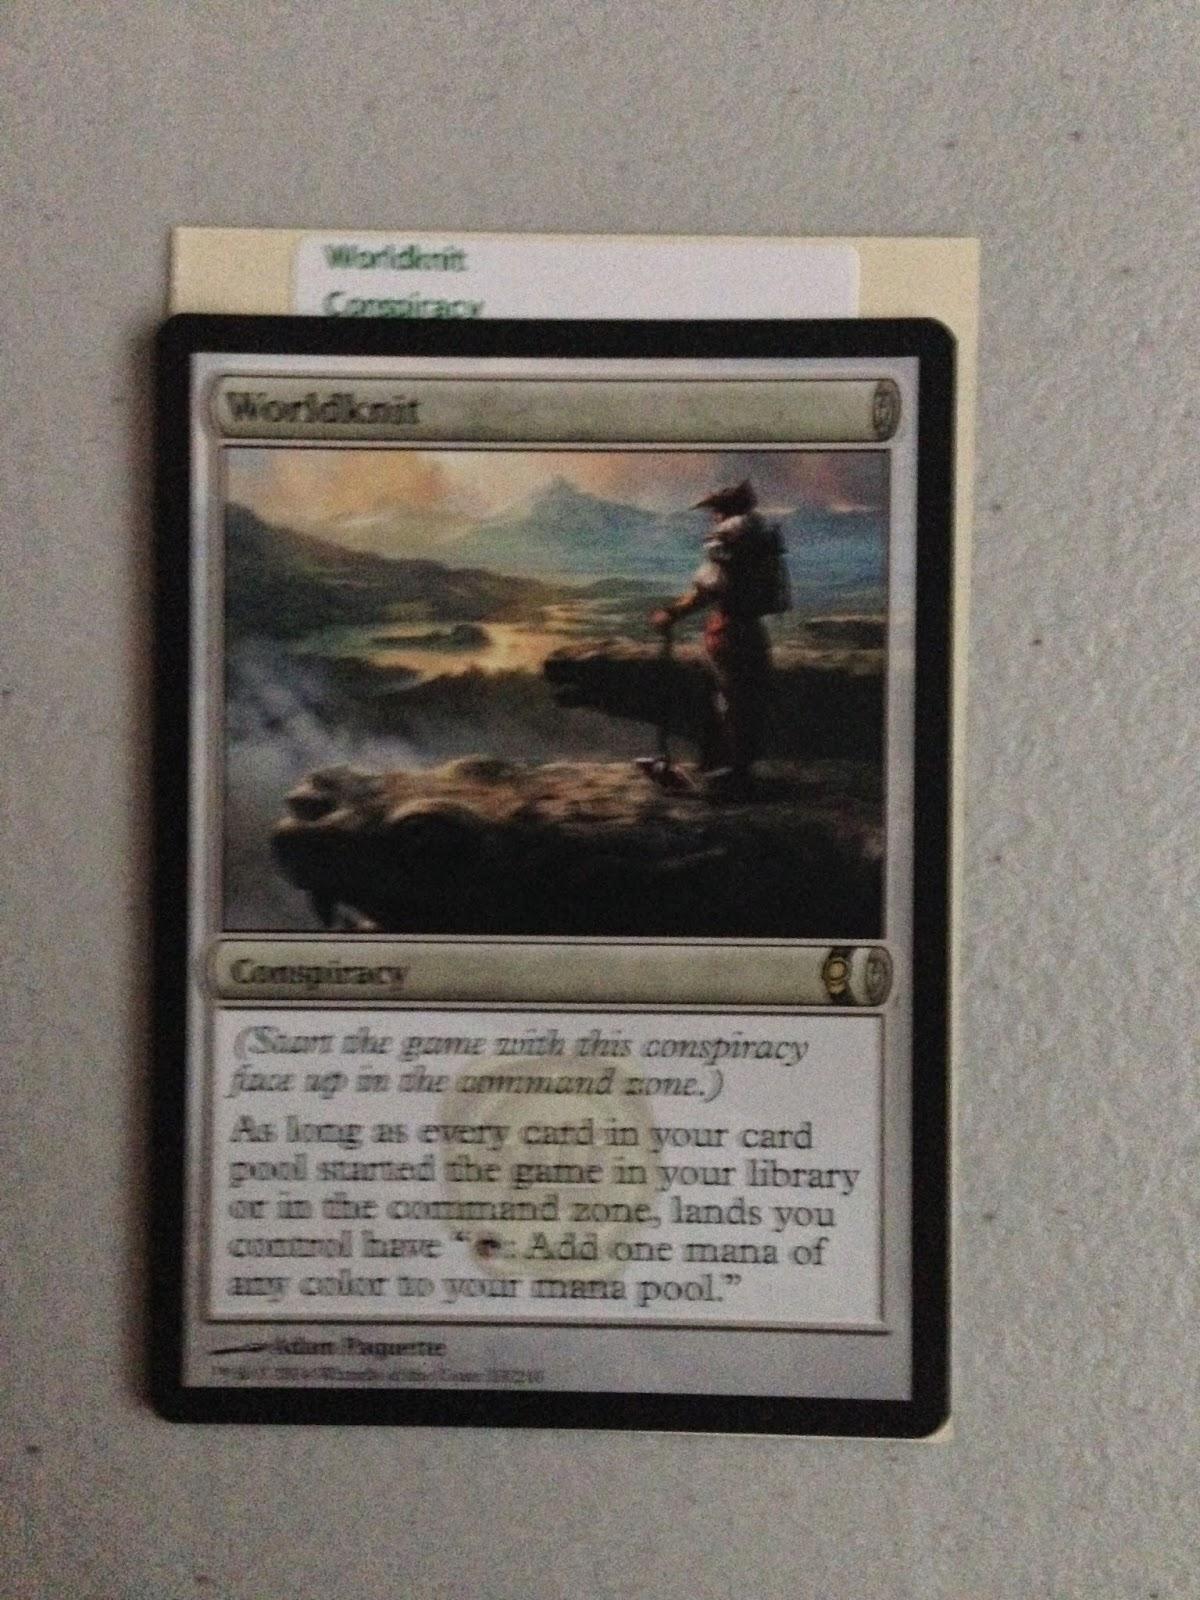 image regarding Magic the Gathering Card Dividers Printable named Gathering Magic: the Accumulating: Card Separators